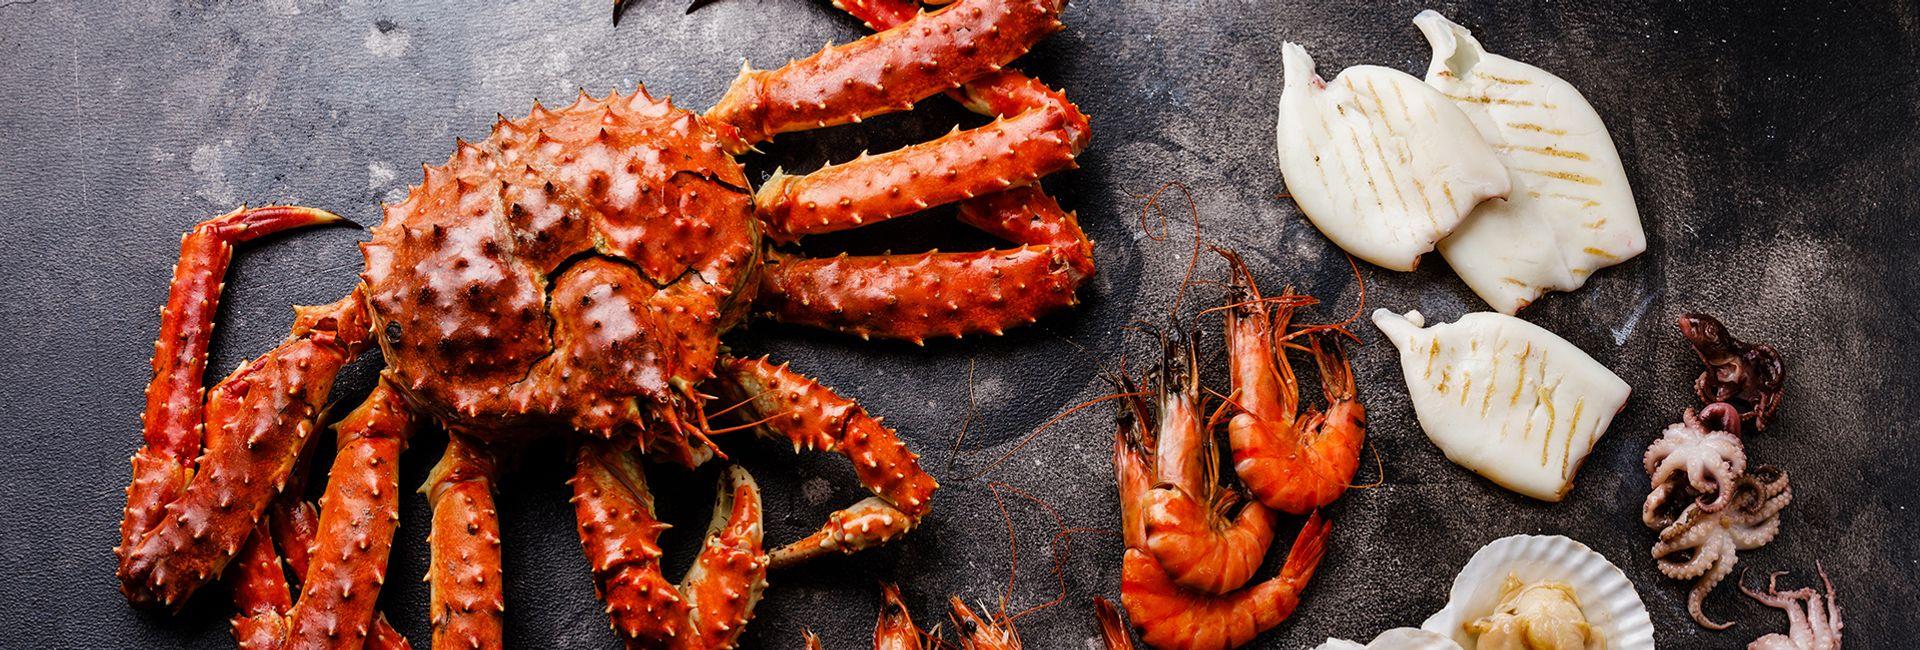 Top 7 quán hải sản giá rẻ, chất lượng tại Sài Gòn